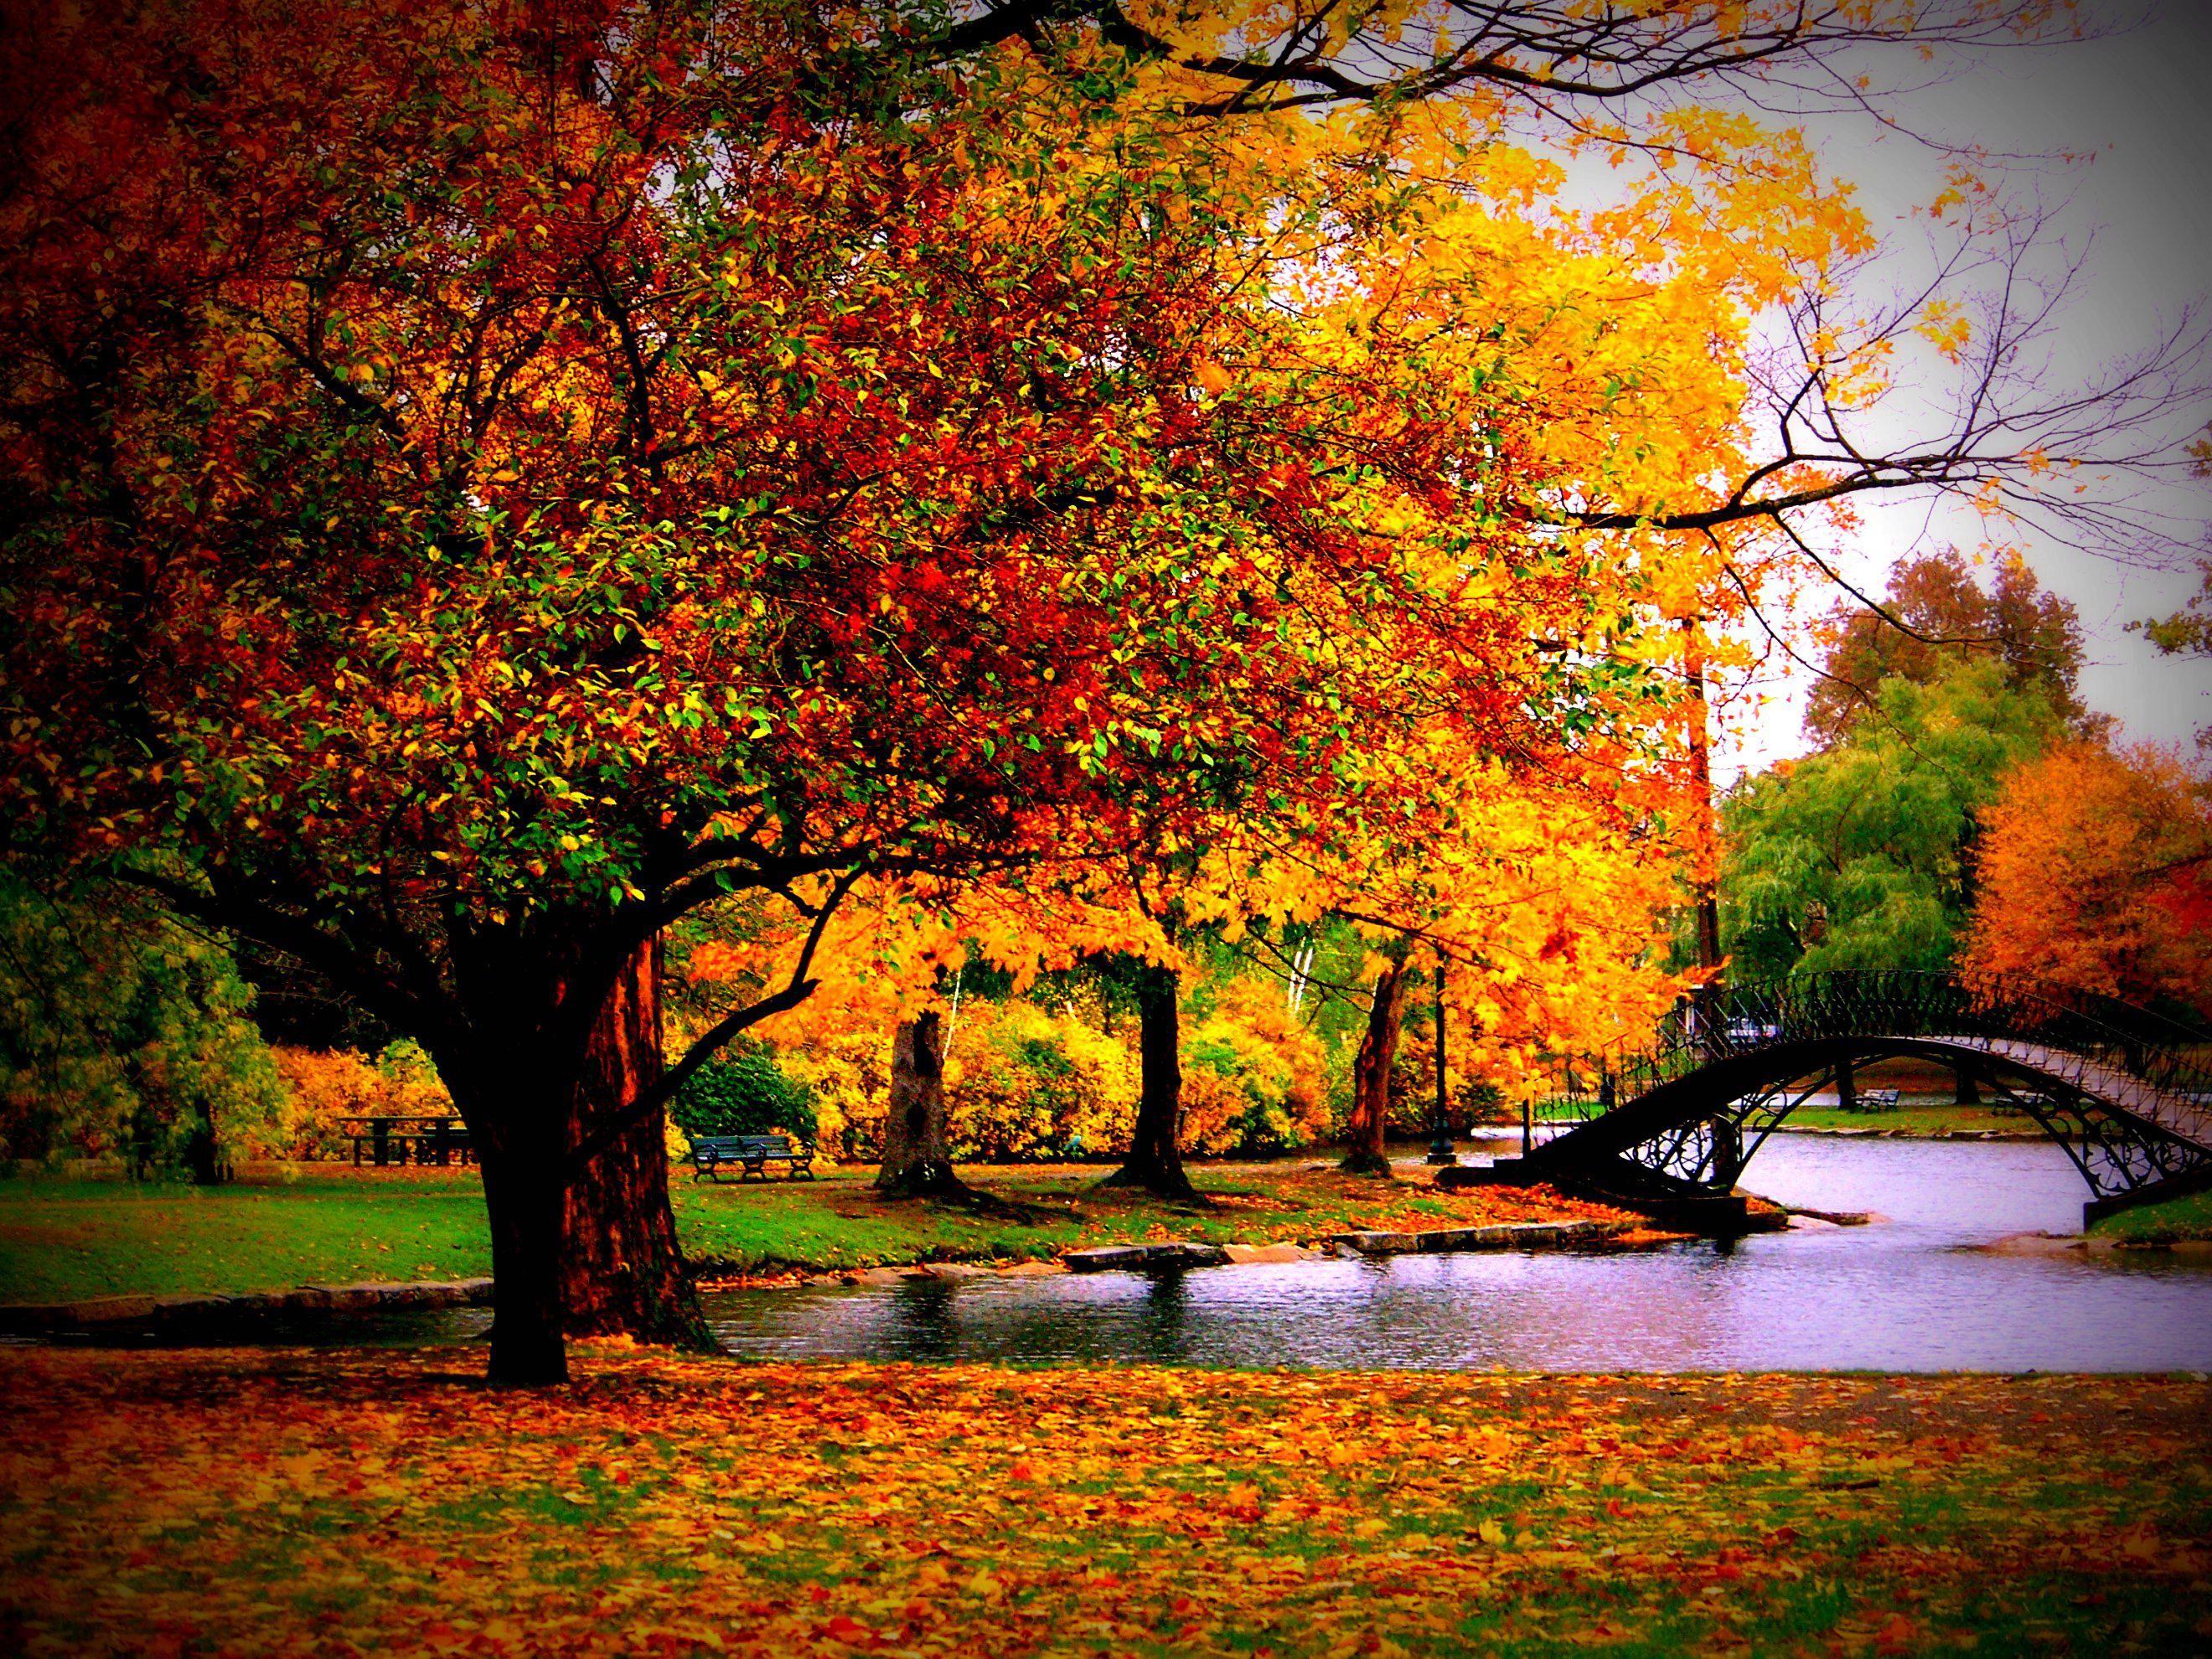 autumn season - photo #10